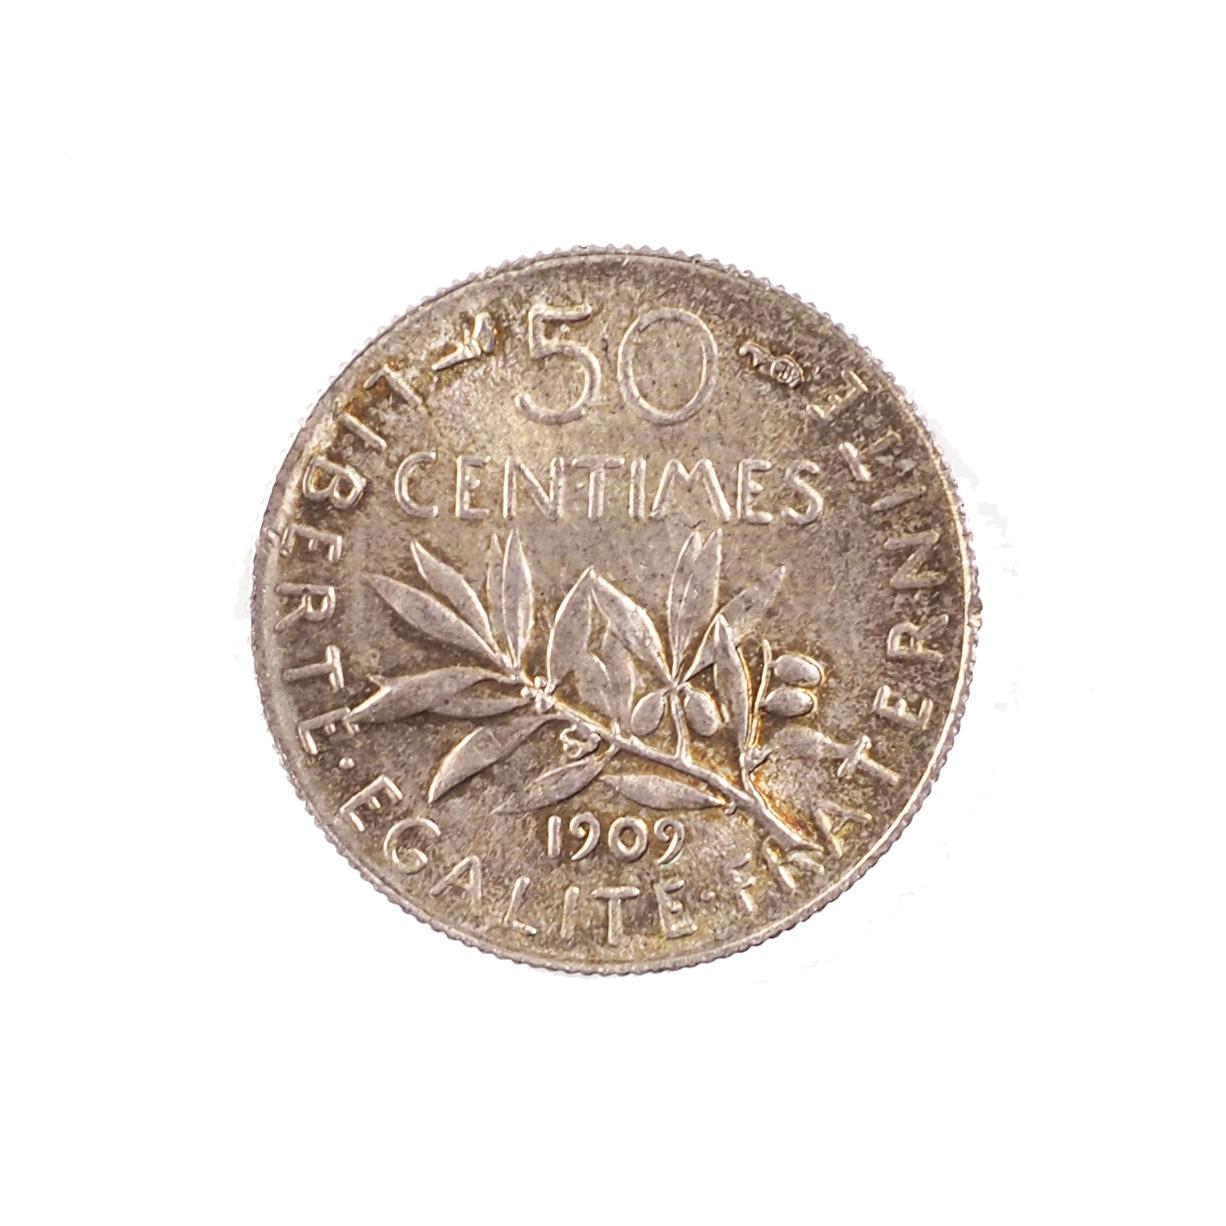 France, 50 centimes 1909, SUP, Argent, Le Franc 190